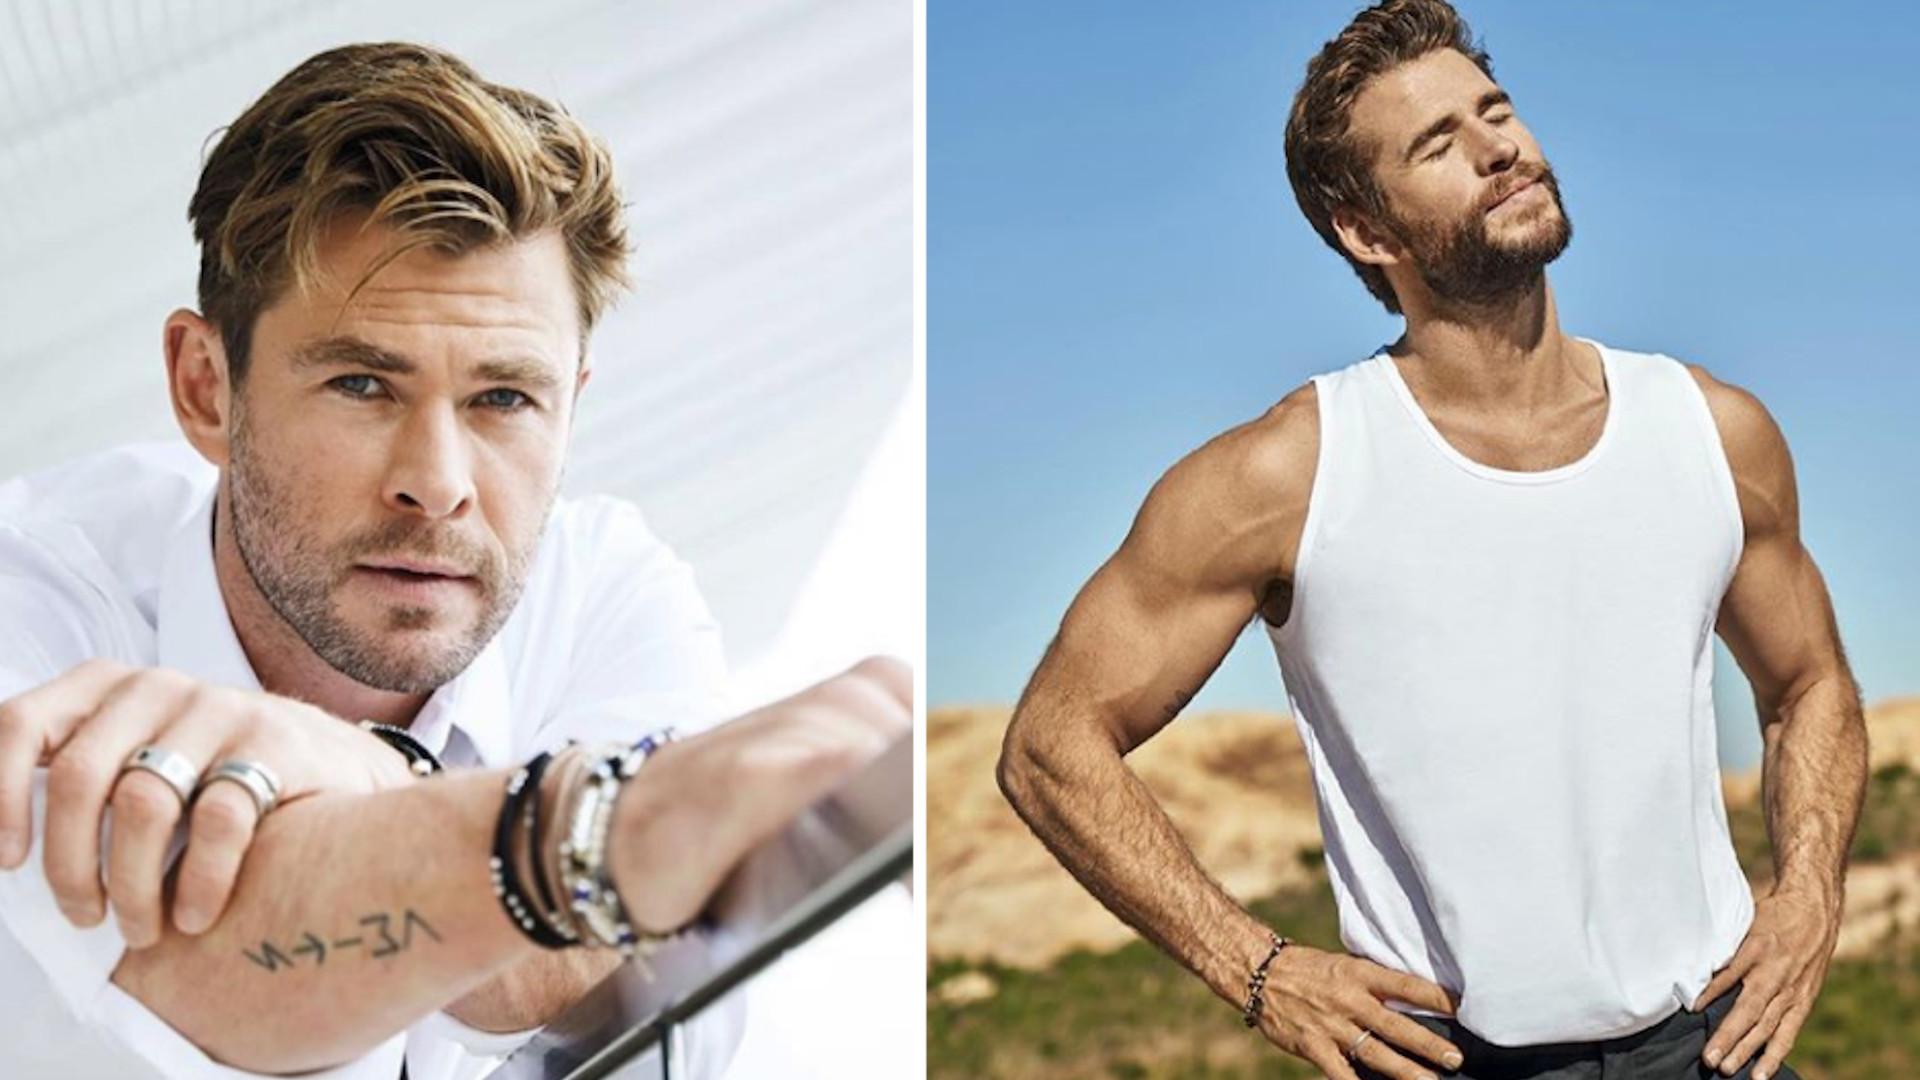 Chris Hemsworth wypowiedział się na temat brata, Liama. Wbił szpilę Miley Cyrus!